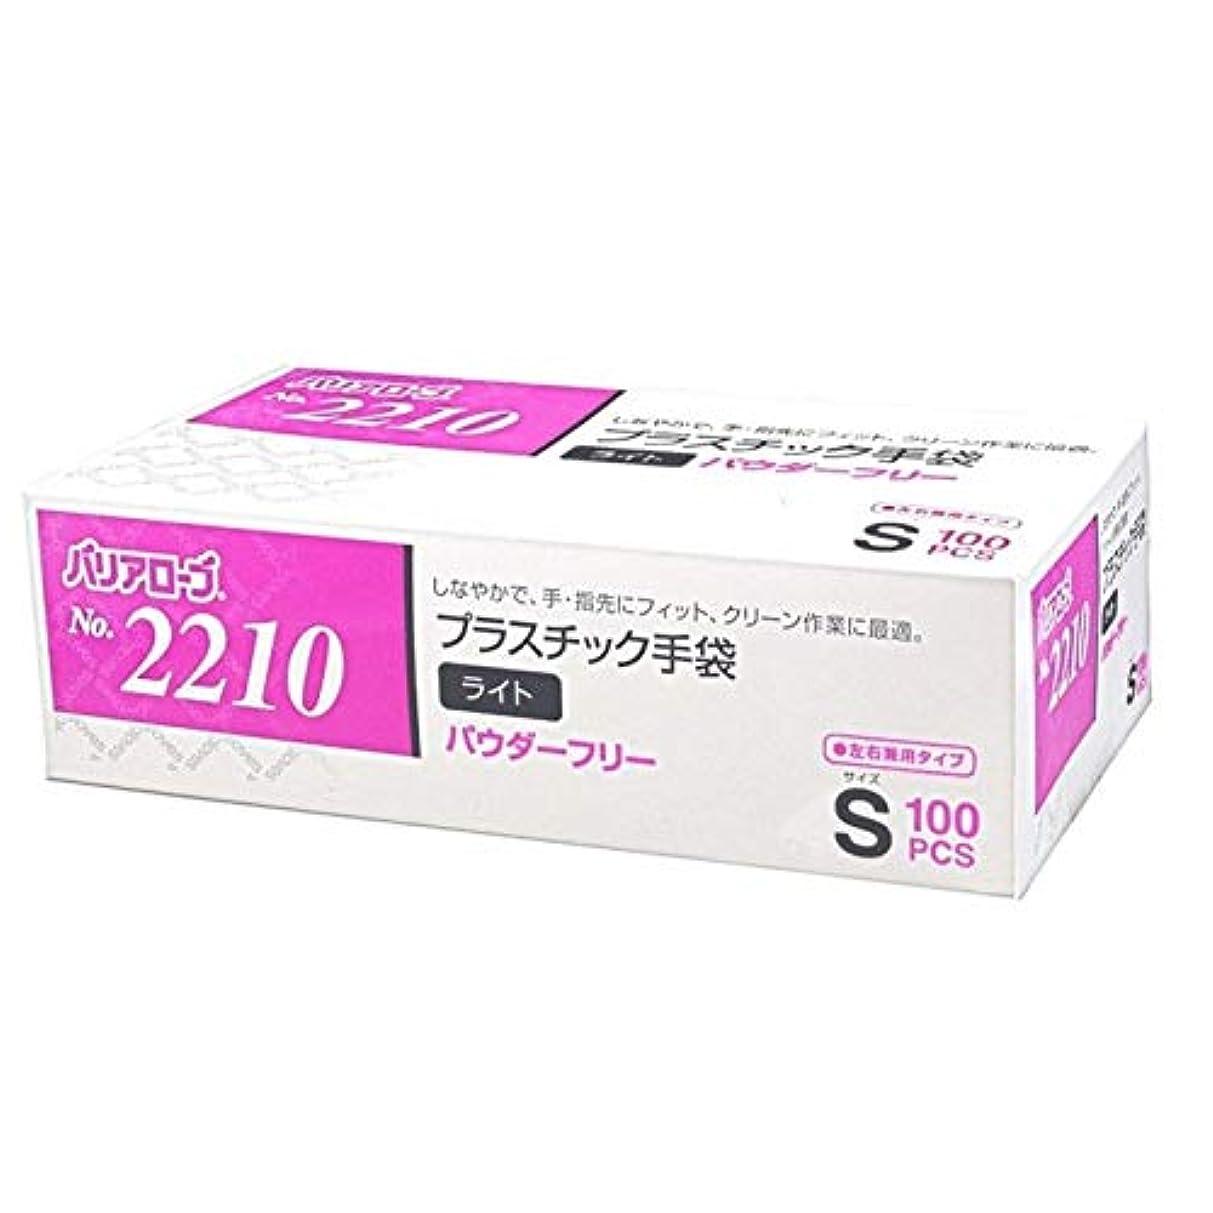 レンダー活性化換気する【ケース販売】 バリアローブ №2210 プラスチック手袋 ライト (パウダーフリー) S 2000枚(100枚×20箱)